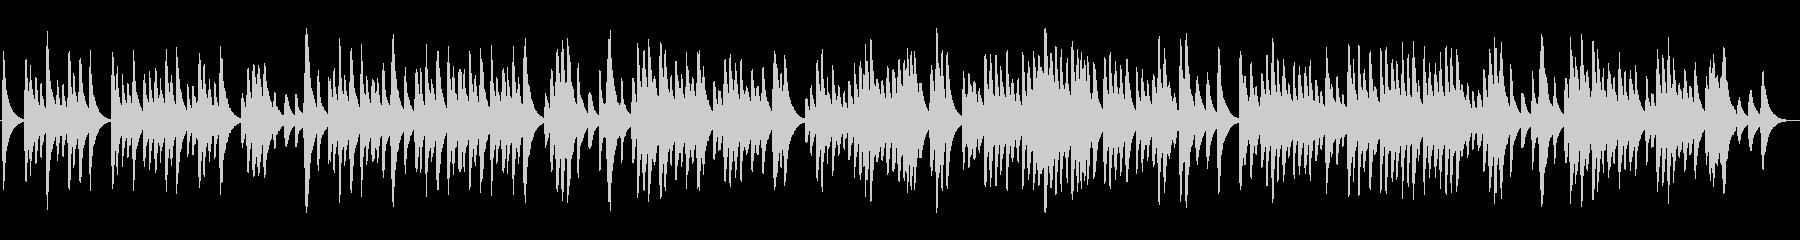 ラヴェル「亡き王女の…」のオルゴールの未再生の波形